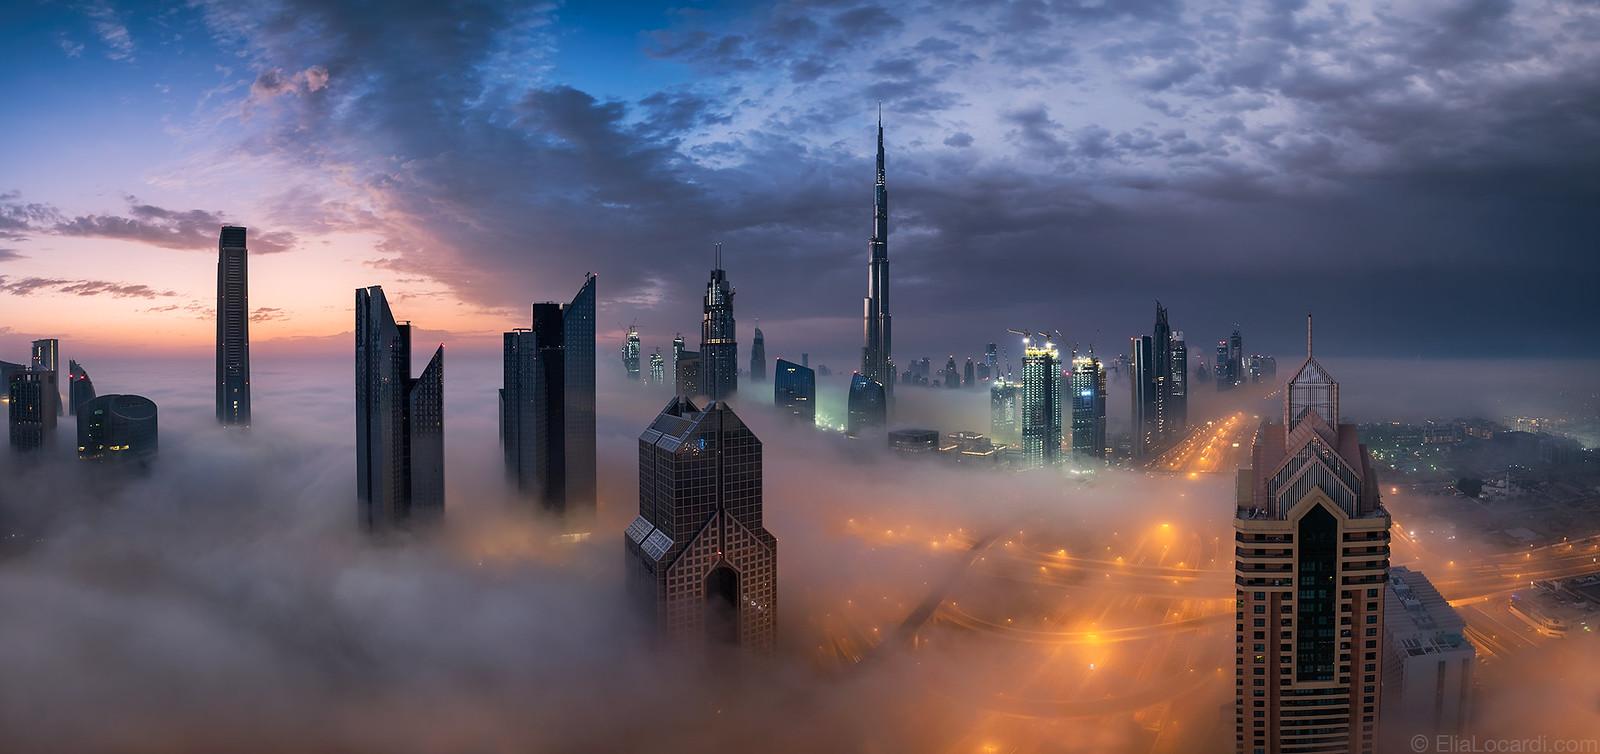 Tempest || Dubai